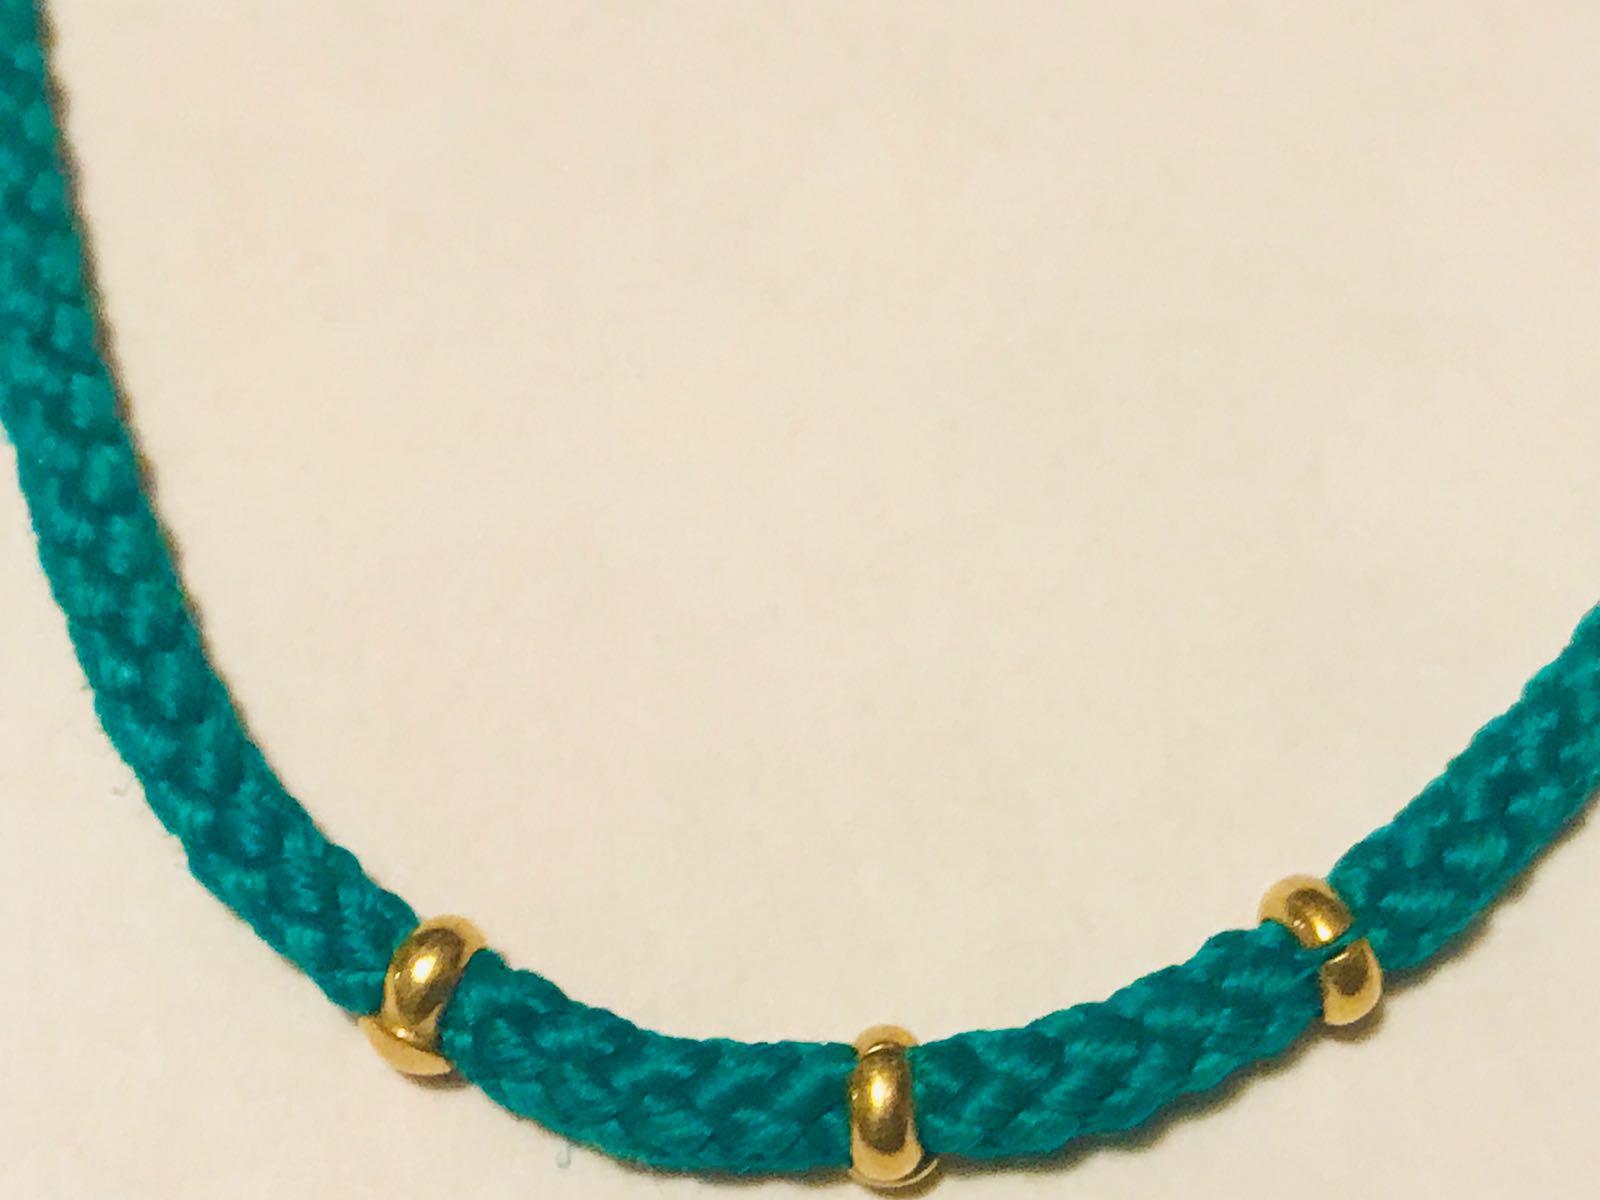 Il bracciale amuleto con il cordoncino verde e inserti in oro